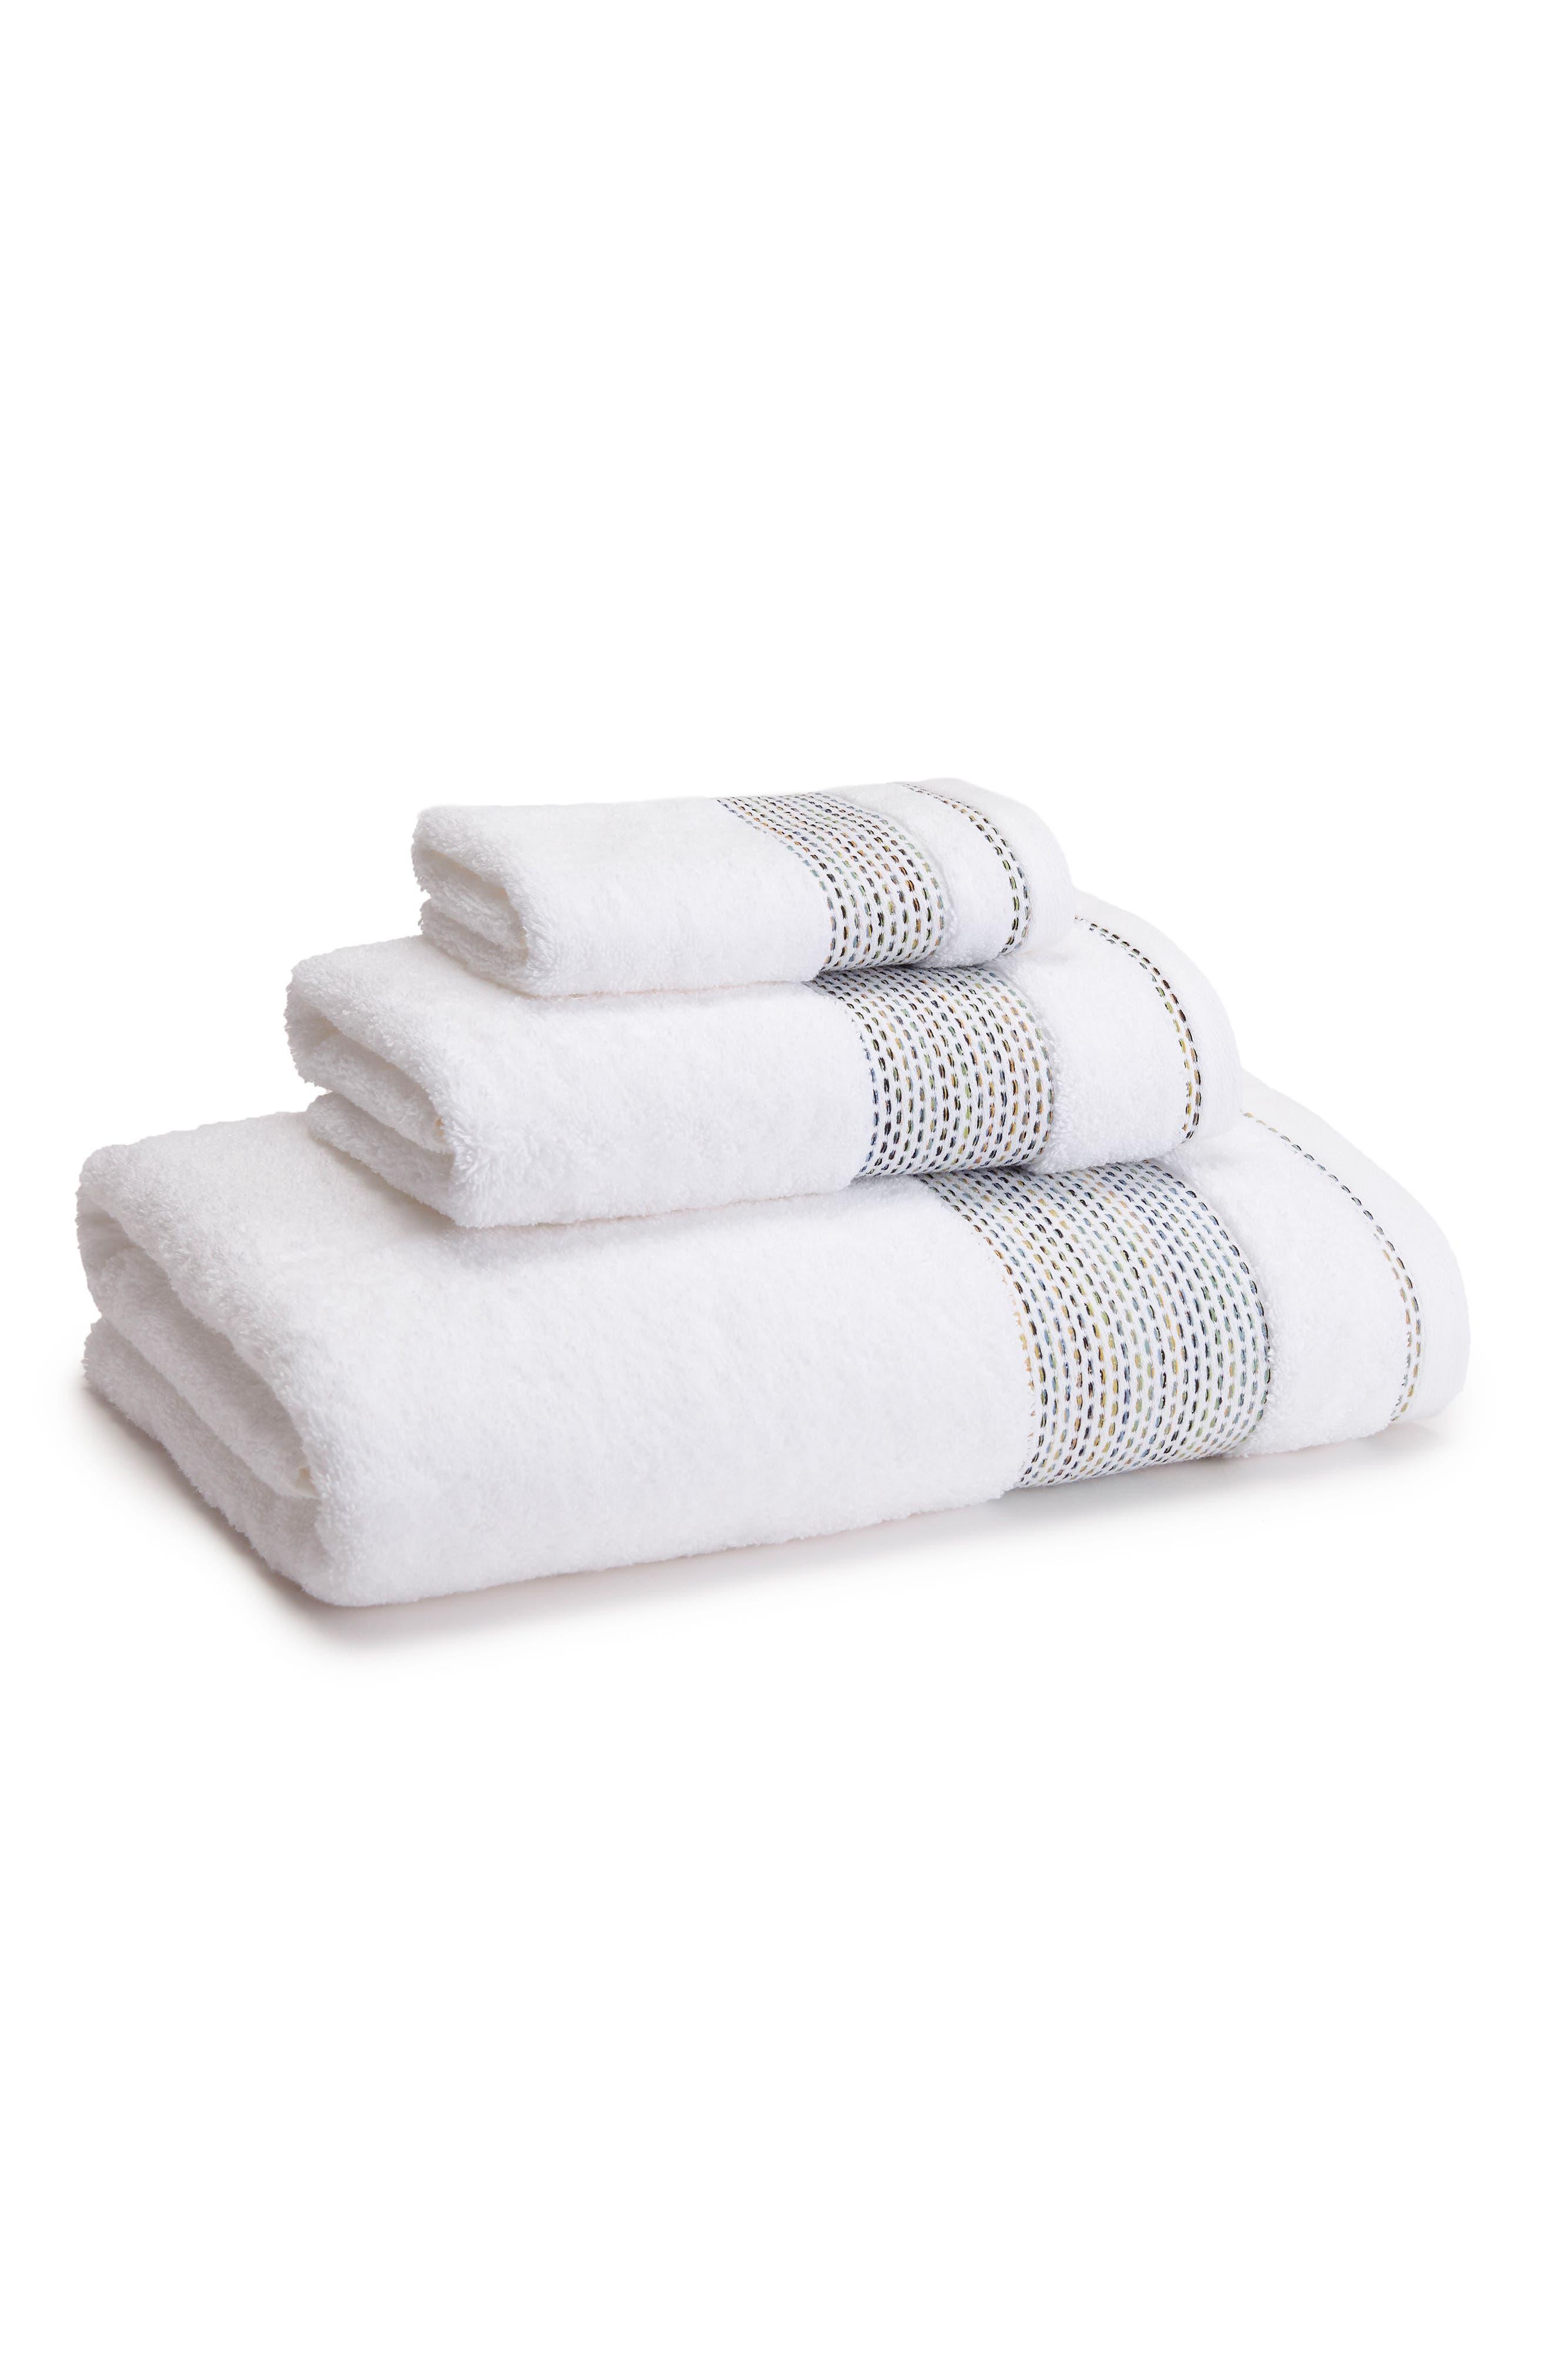 Alternate Image 1 Selected - KASSATEX Carnaby Bath Towel